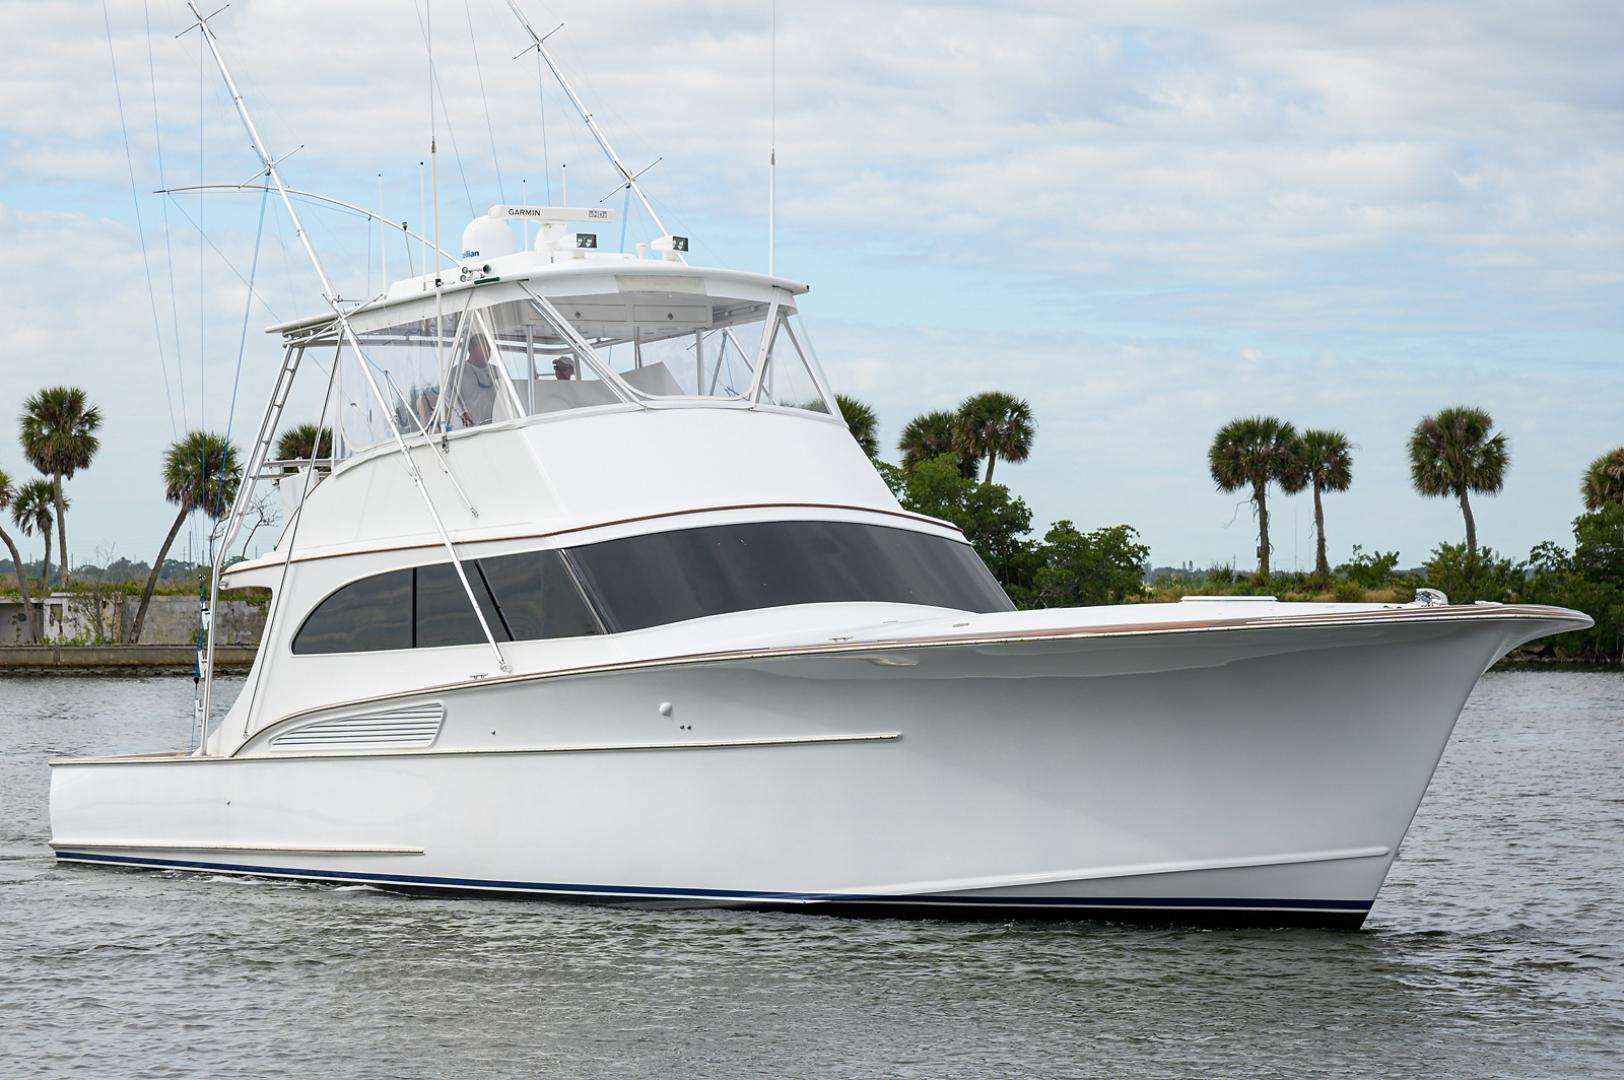 Sunny Briggs-Custom Sportfisherman 2000-Guajiro Stuart-Florida-United States-Guajiro-1578925 | Thumbnail